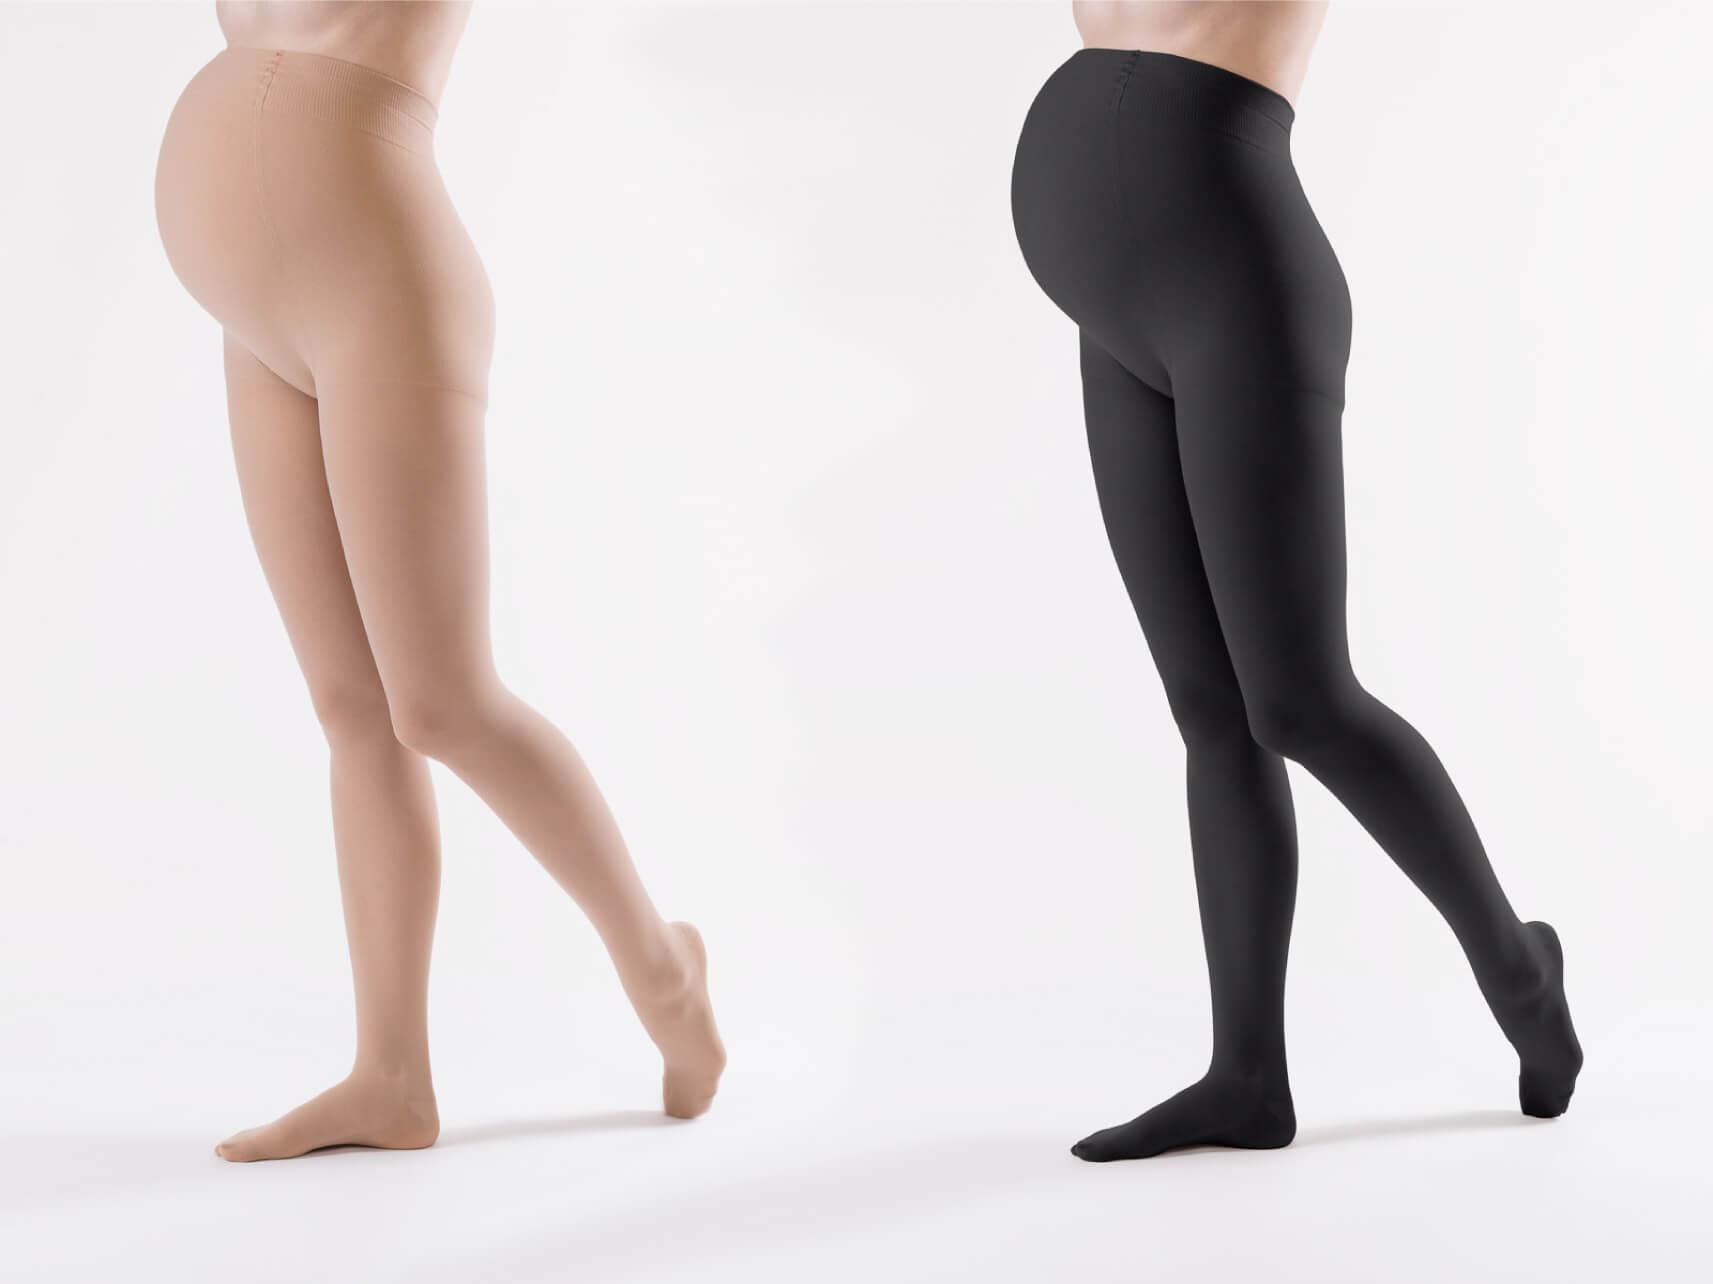 Gyógyharisnya és kompressziós harisnya kínálatunk, kompressziós zokni termékek